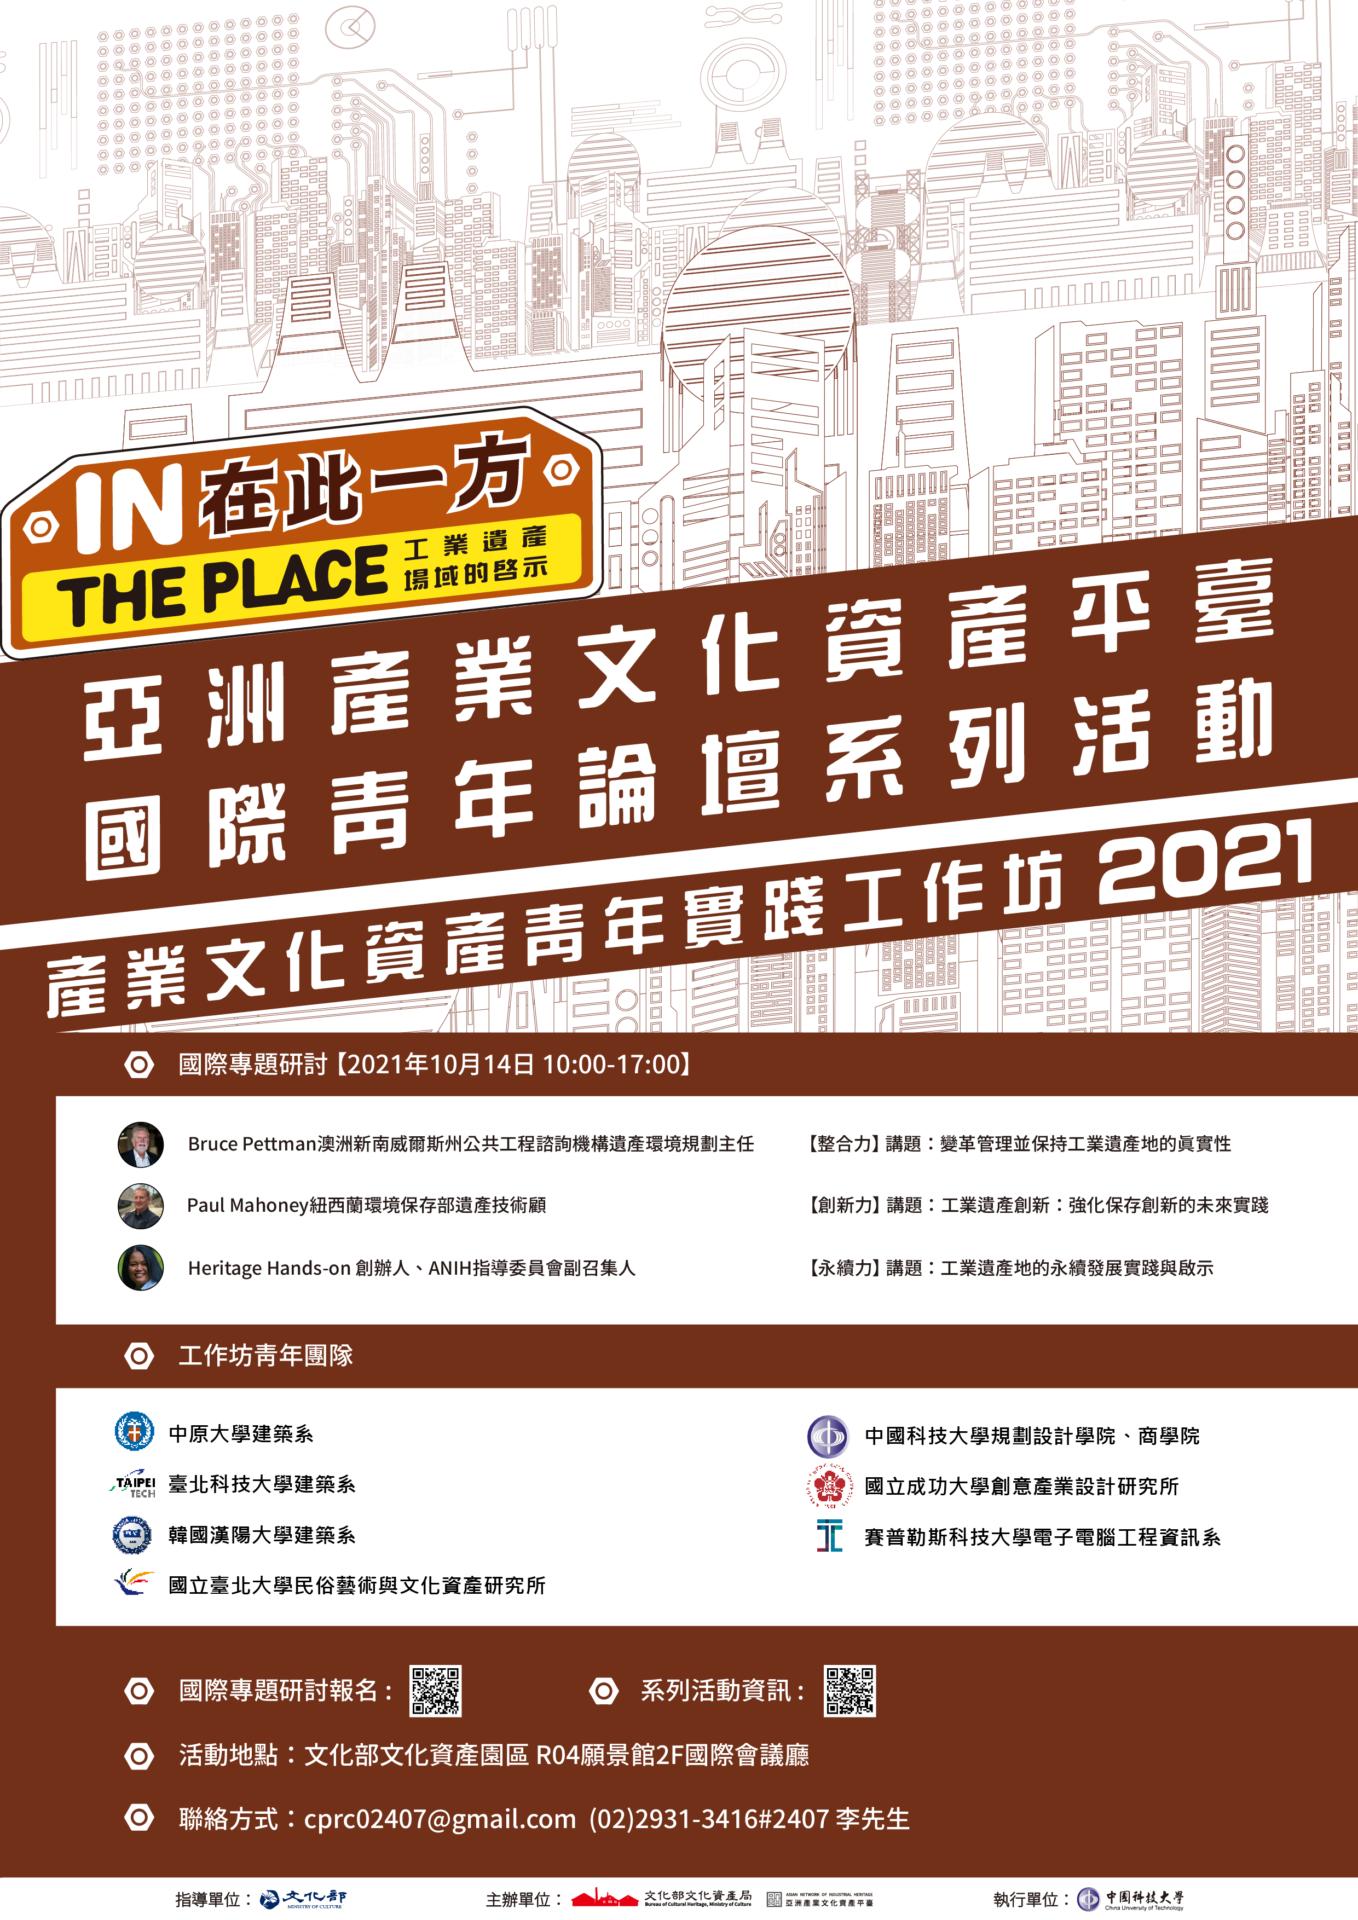 文化部文化資產園區:10/14【2021年亞洲產業文化資產平臺國際青年論壇系列活動:在此一方X產業文化資產青年實踐工作坊國際講座】